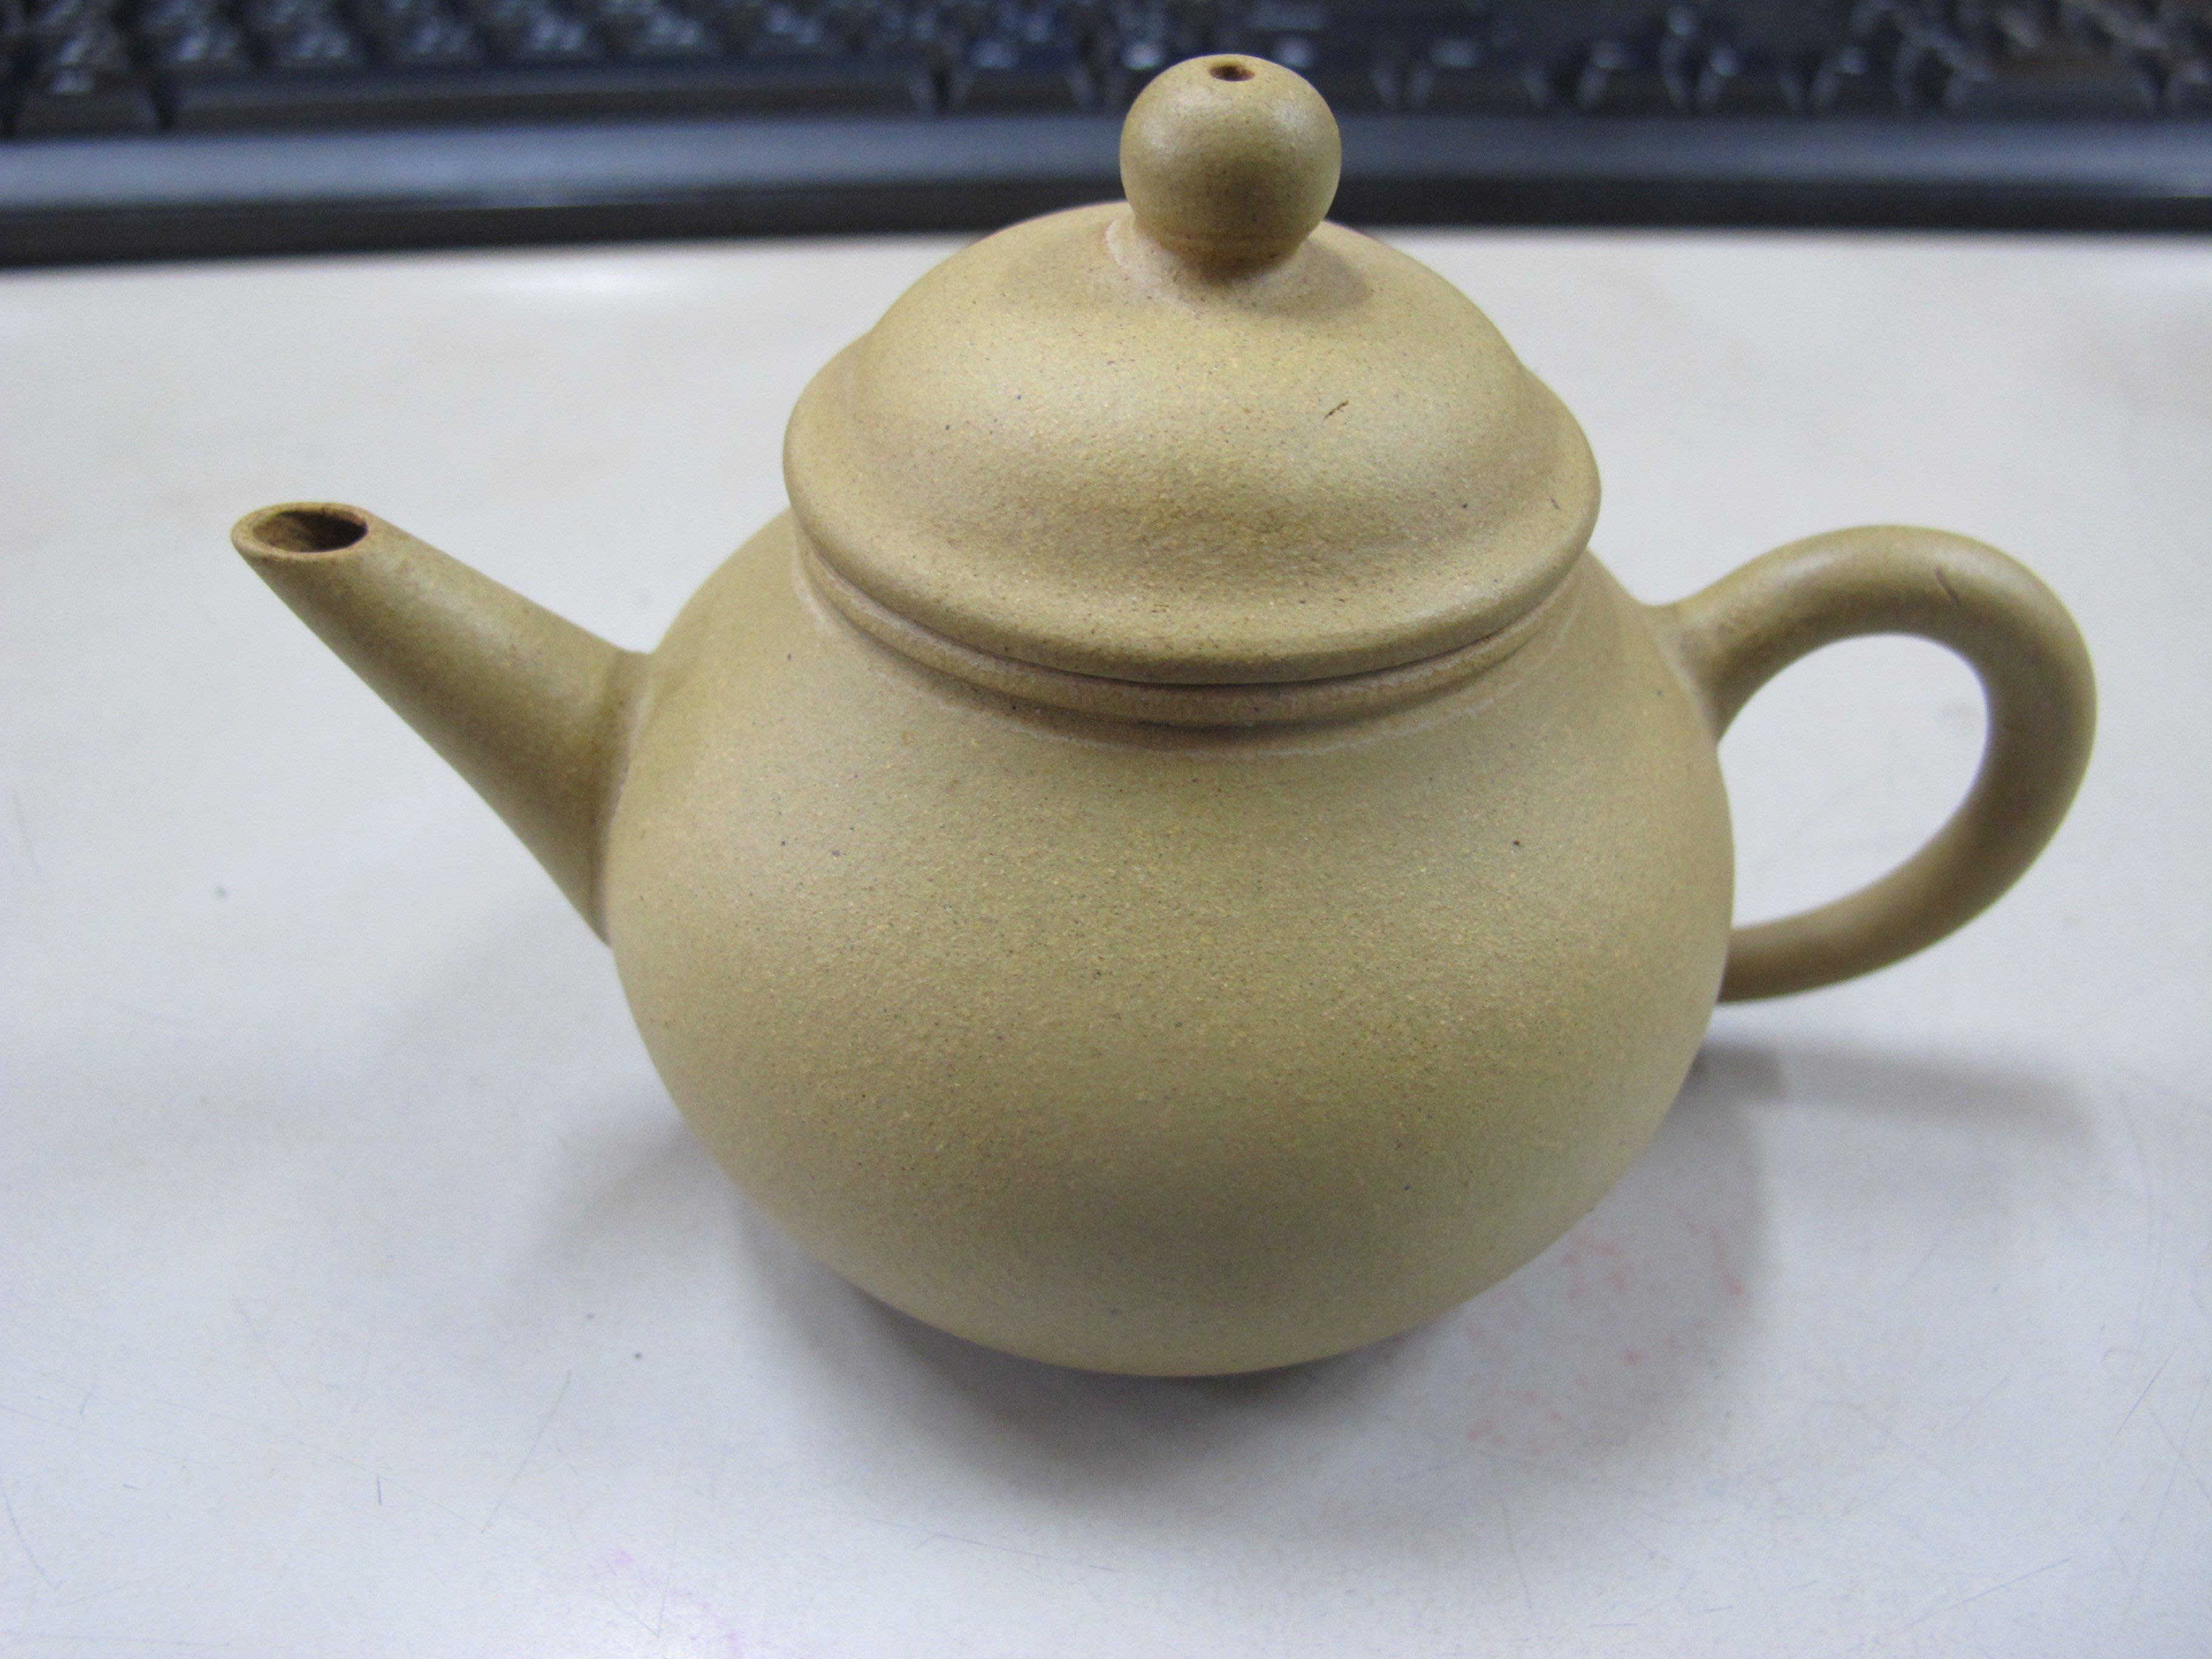 二手舖 NO.5344 紫砂壺 手工茶壺 標準壺 特價 中國宜興紫砂壺